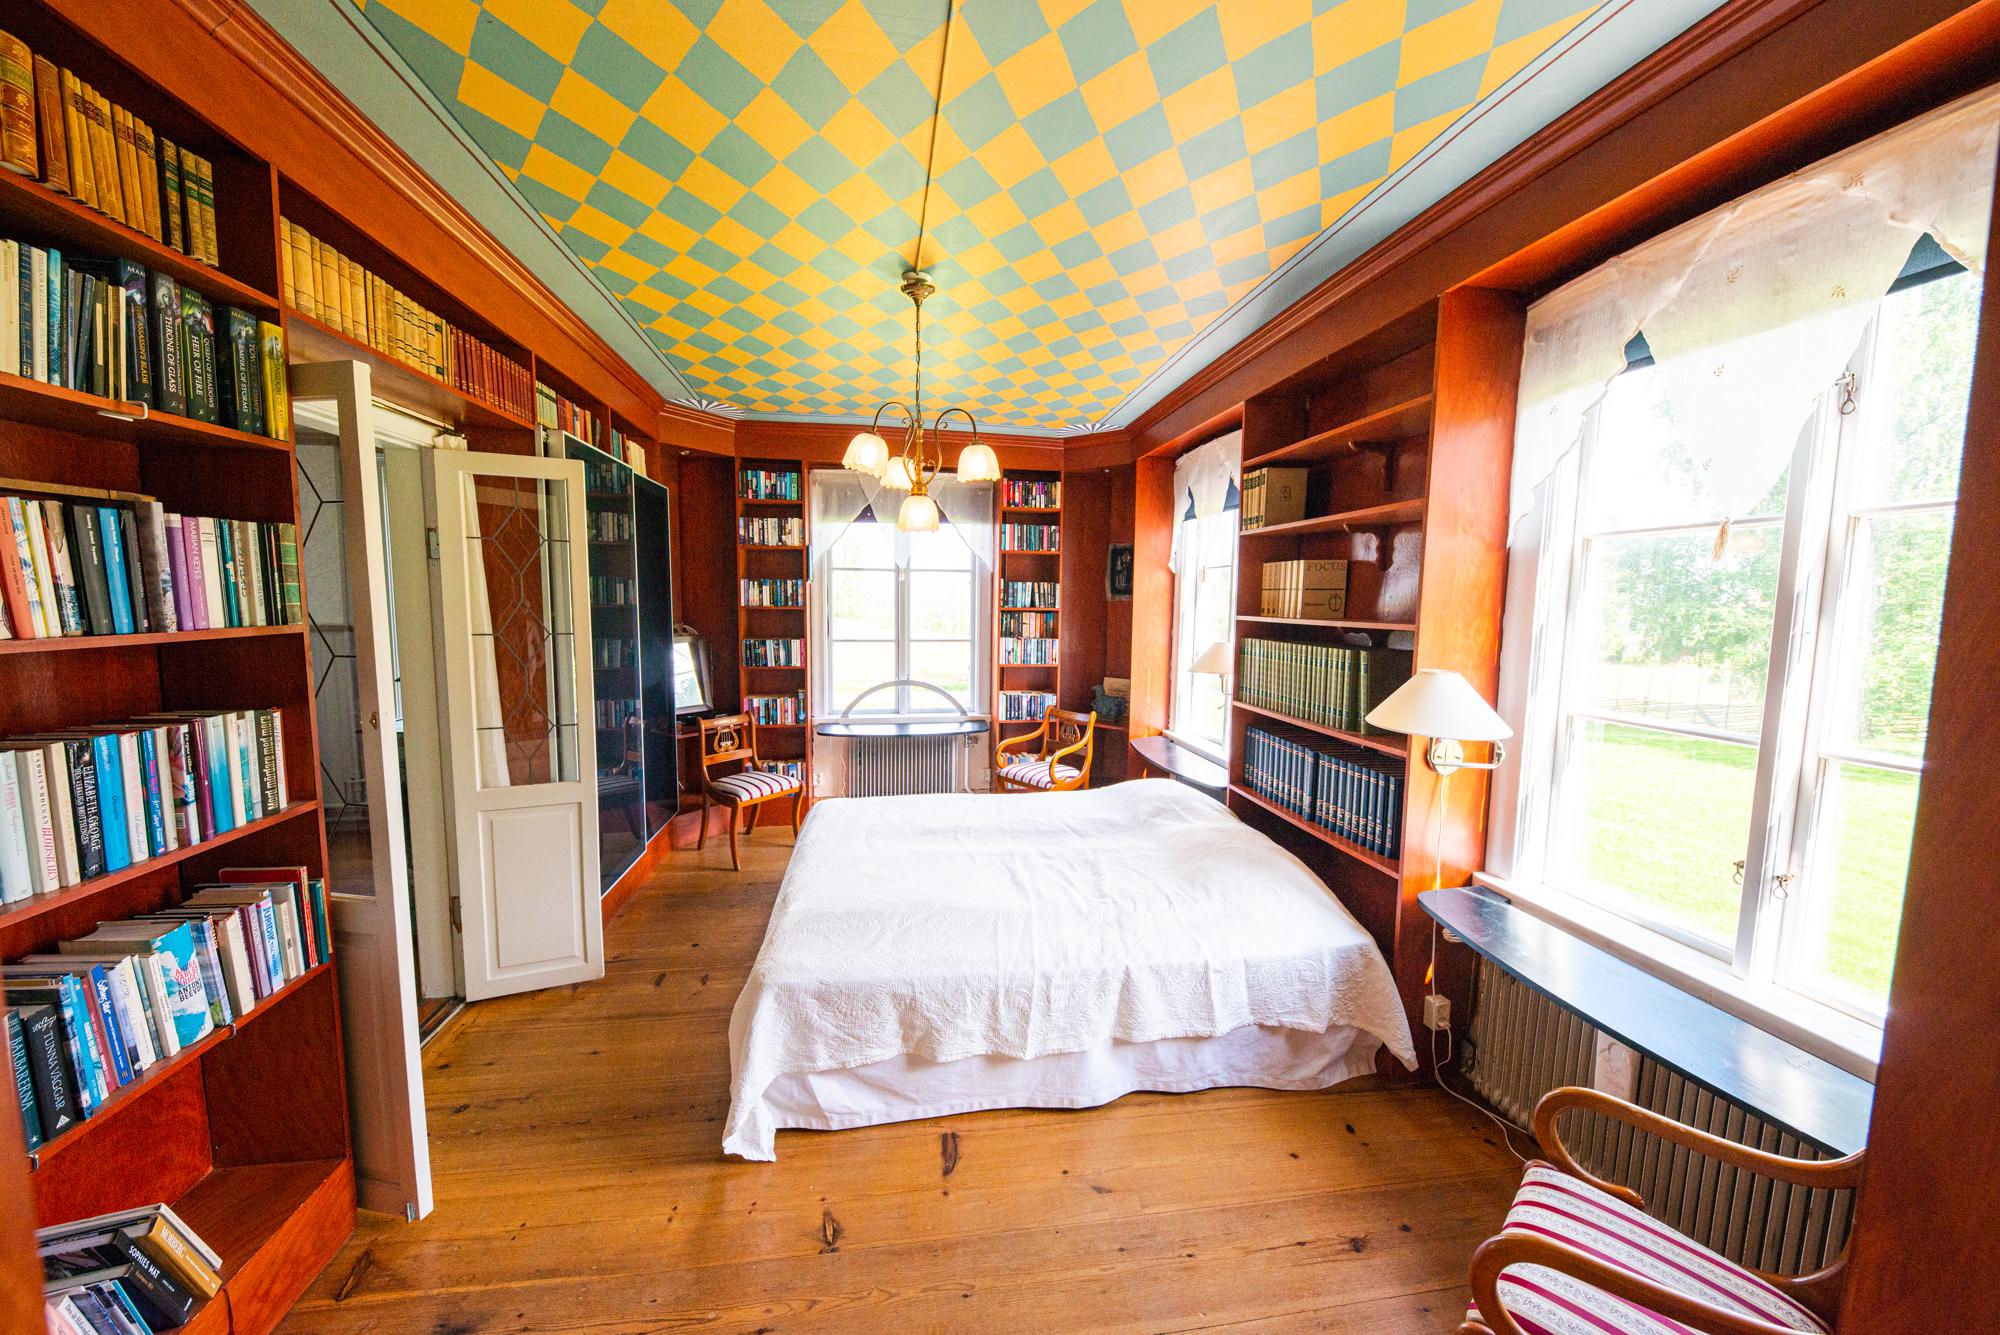 Lôkes 2, Biblioteksrummet i Familjen Lindströms boning.